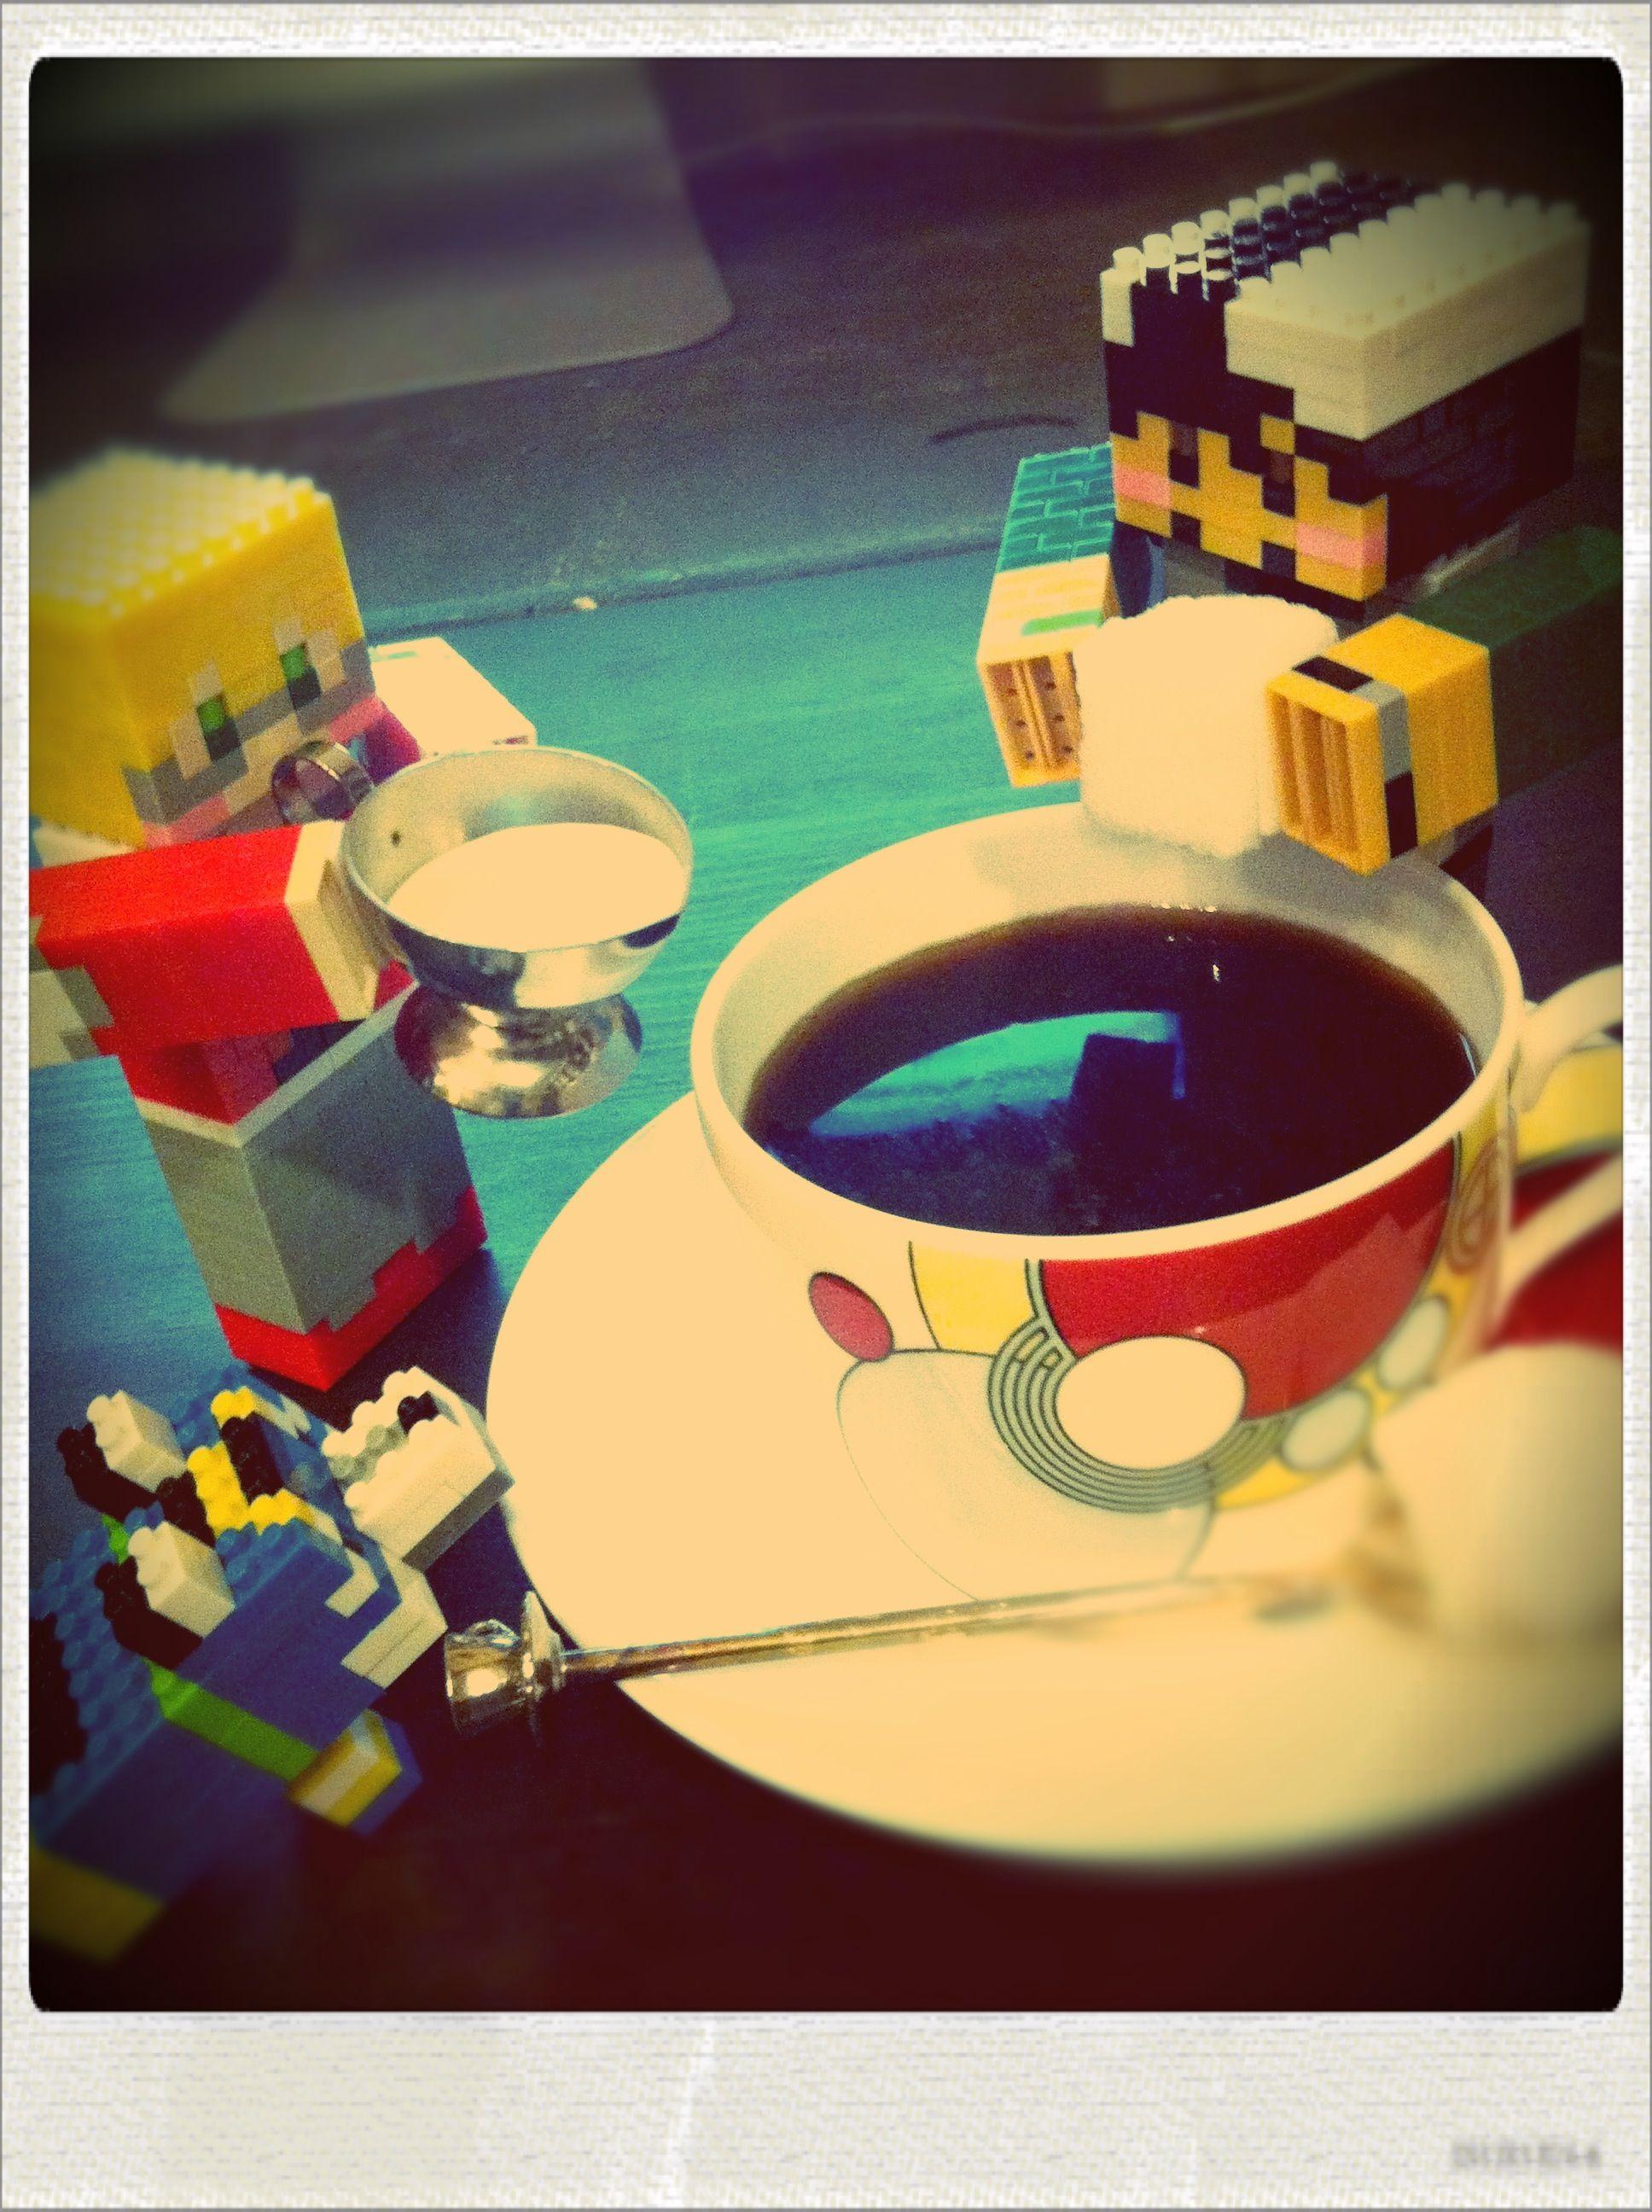 四角いバディがコーヒーを淹れてくれました。